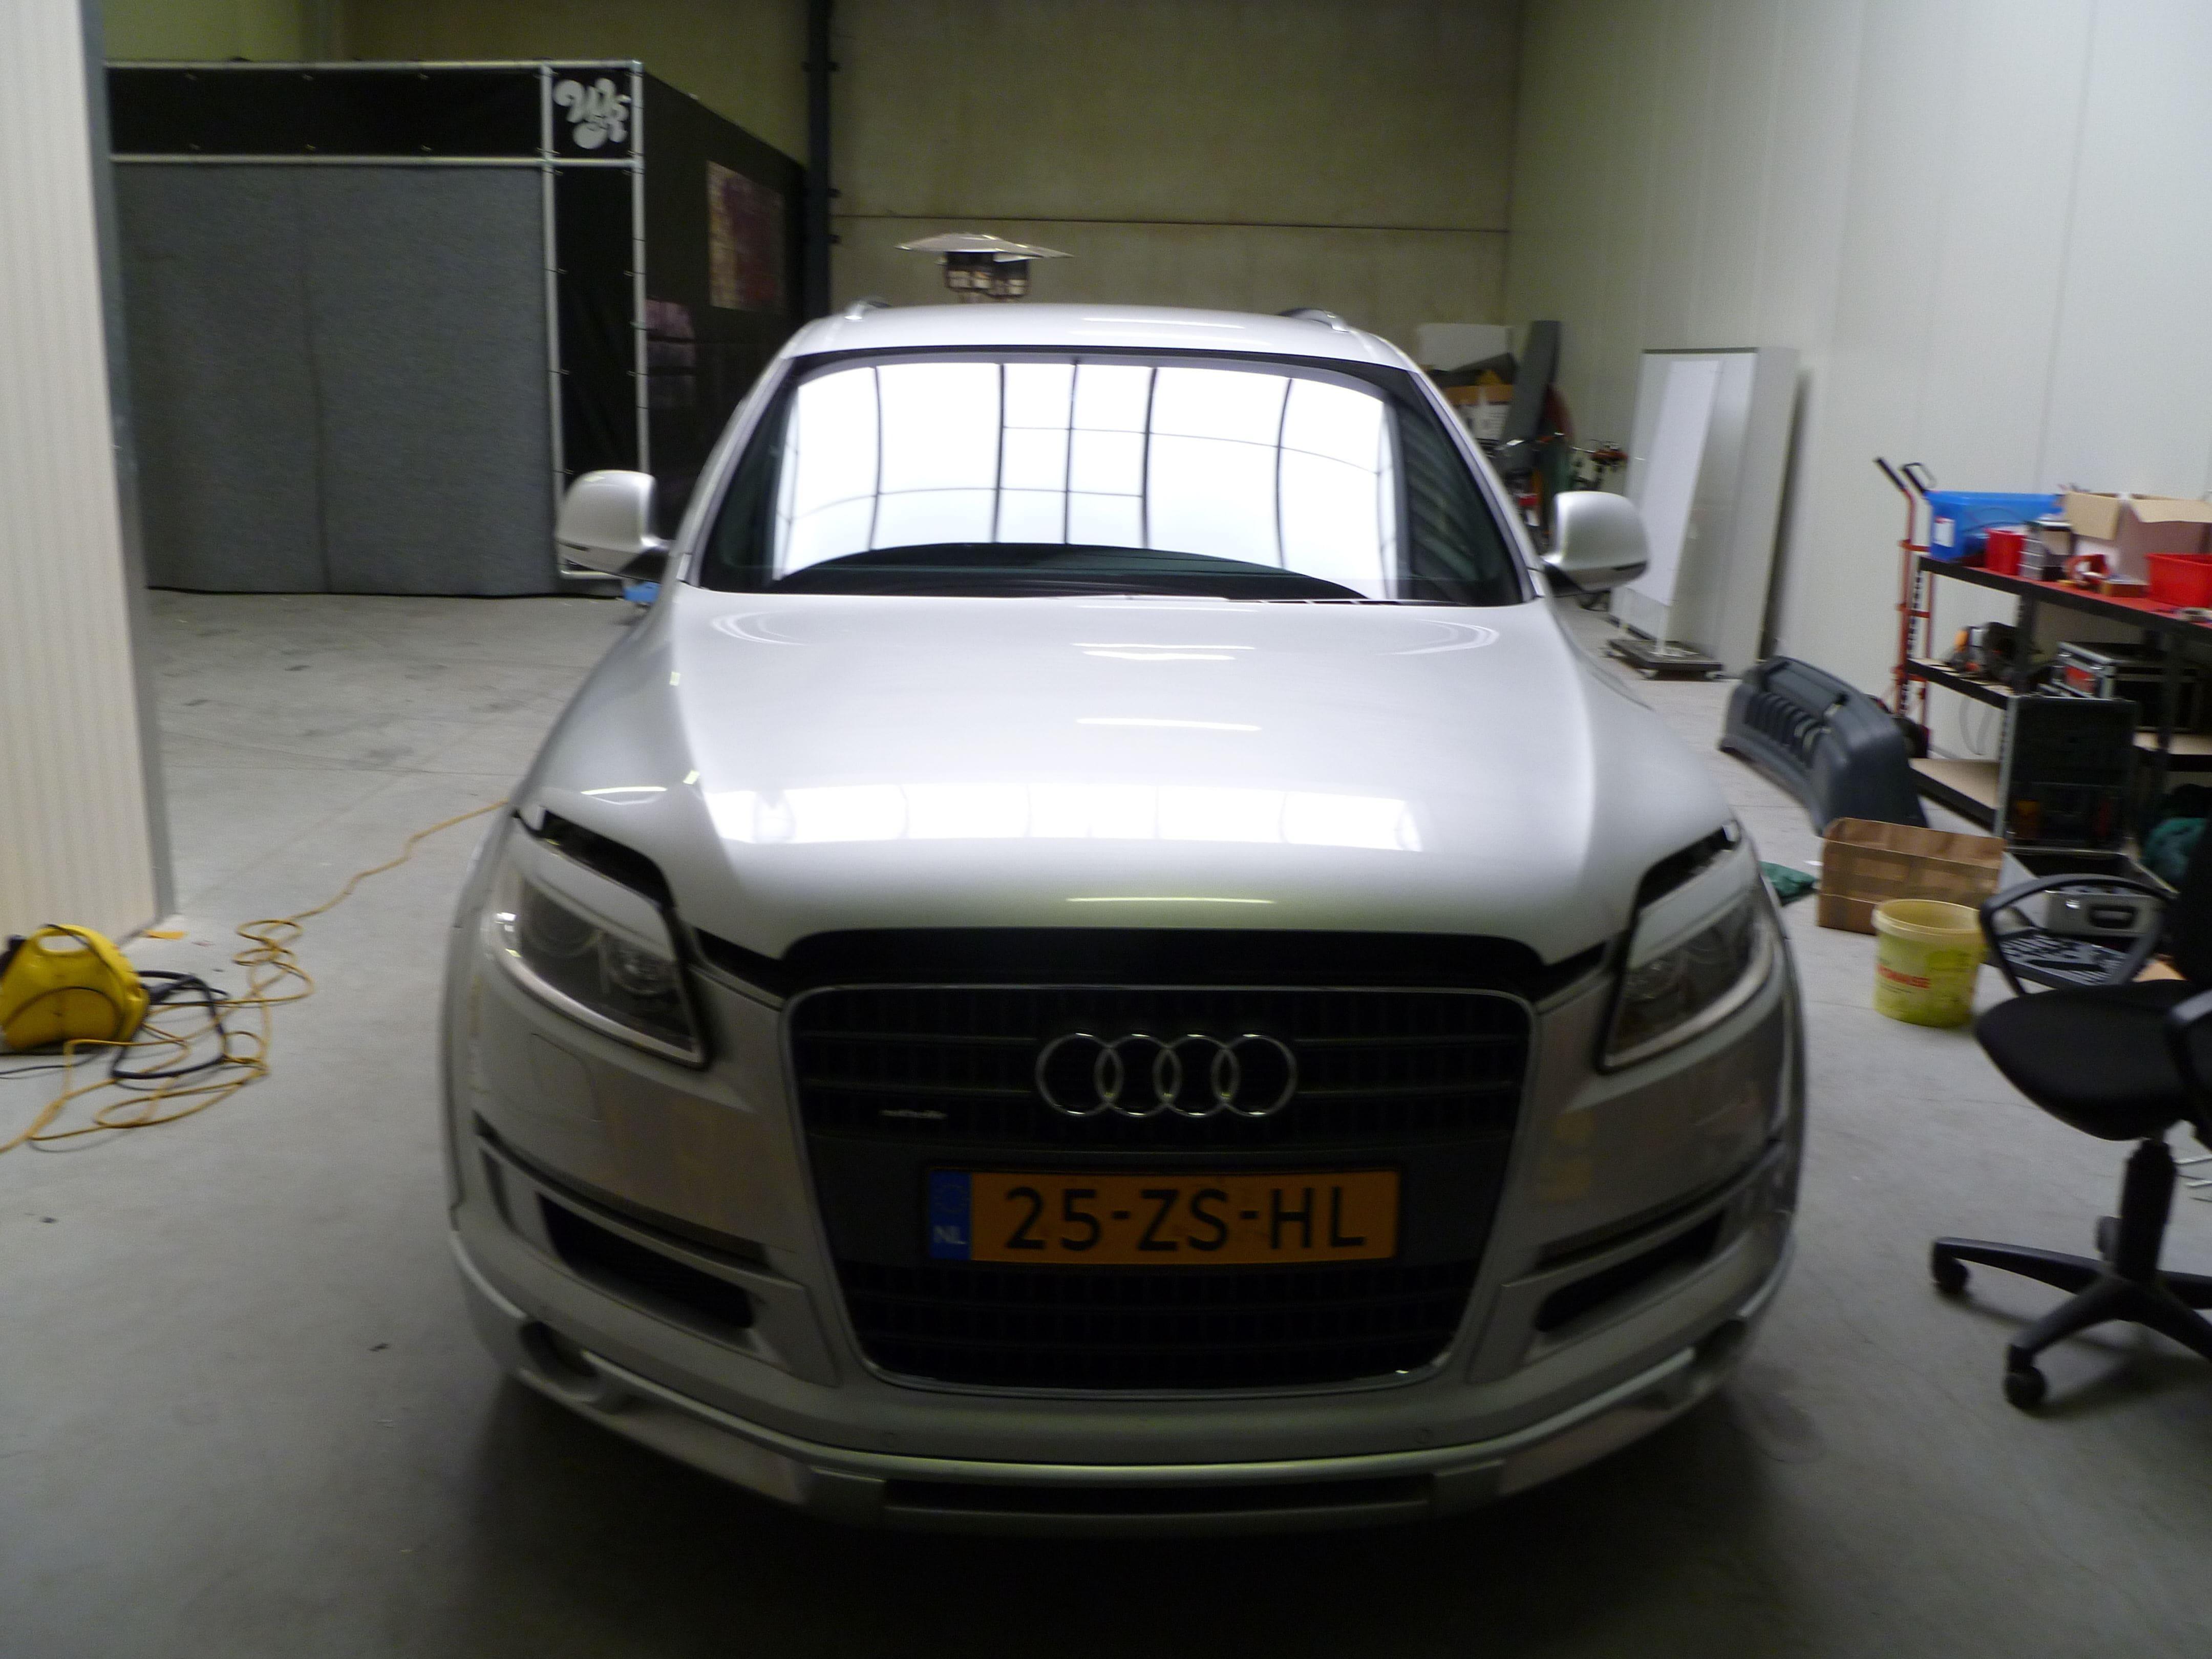 Audi Q7 met Mat Witte Wrap, Carwrapping door Wrapmyride.nu Foto-nr:4951, ©2021